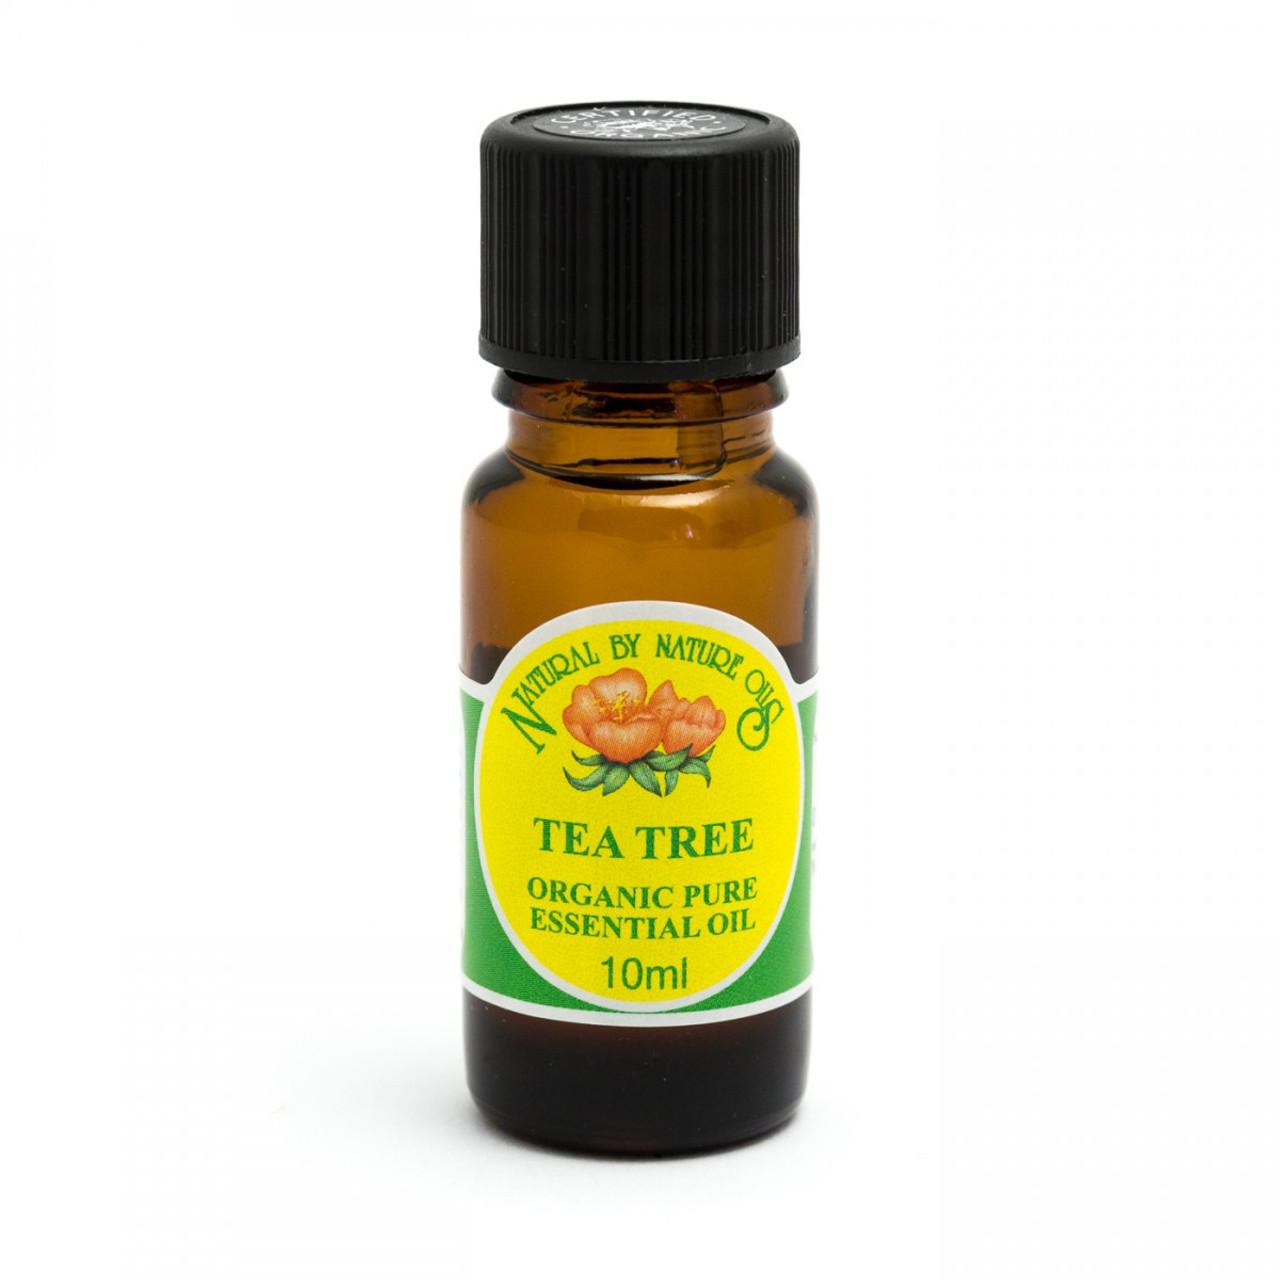 Tea Tree Organic Pure Essential Oil (Australia) 10ml